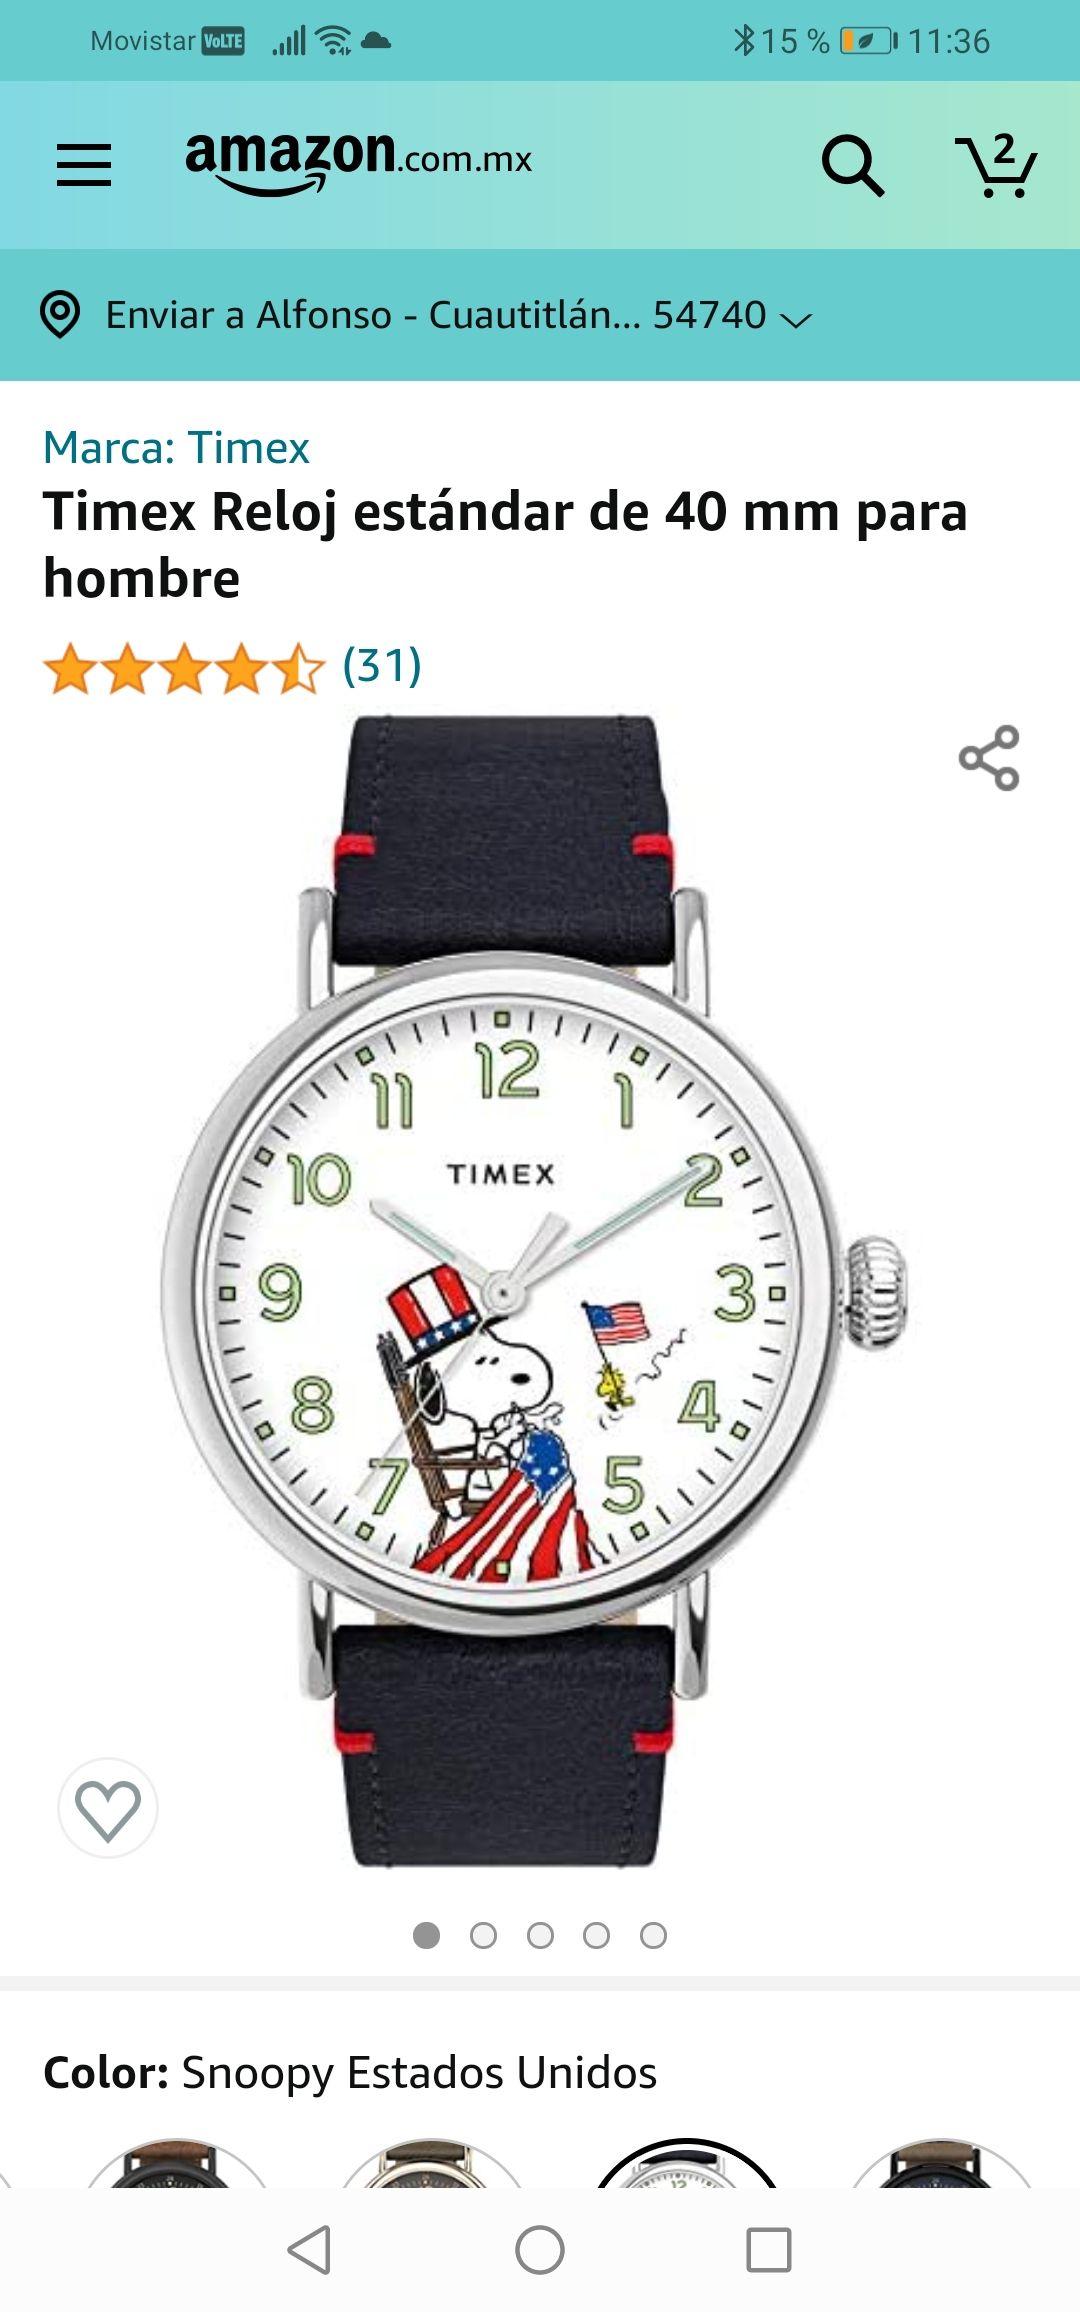 Amazon: Reloj Timex snoopy